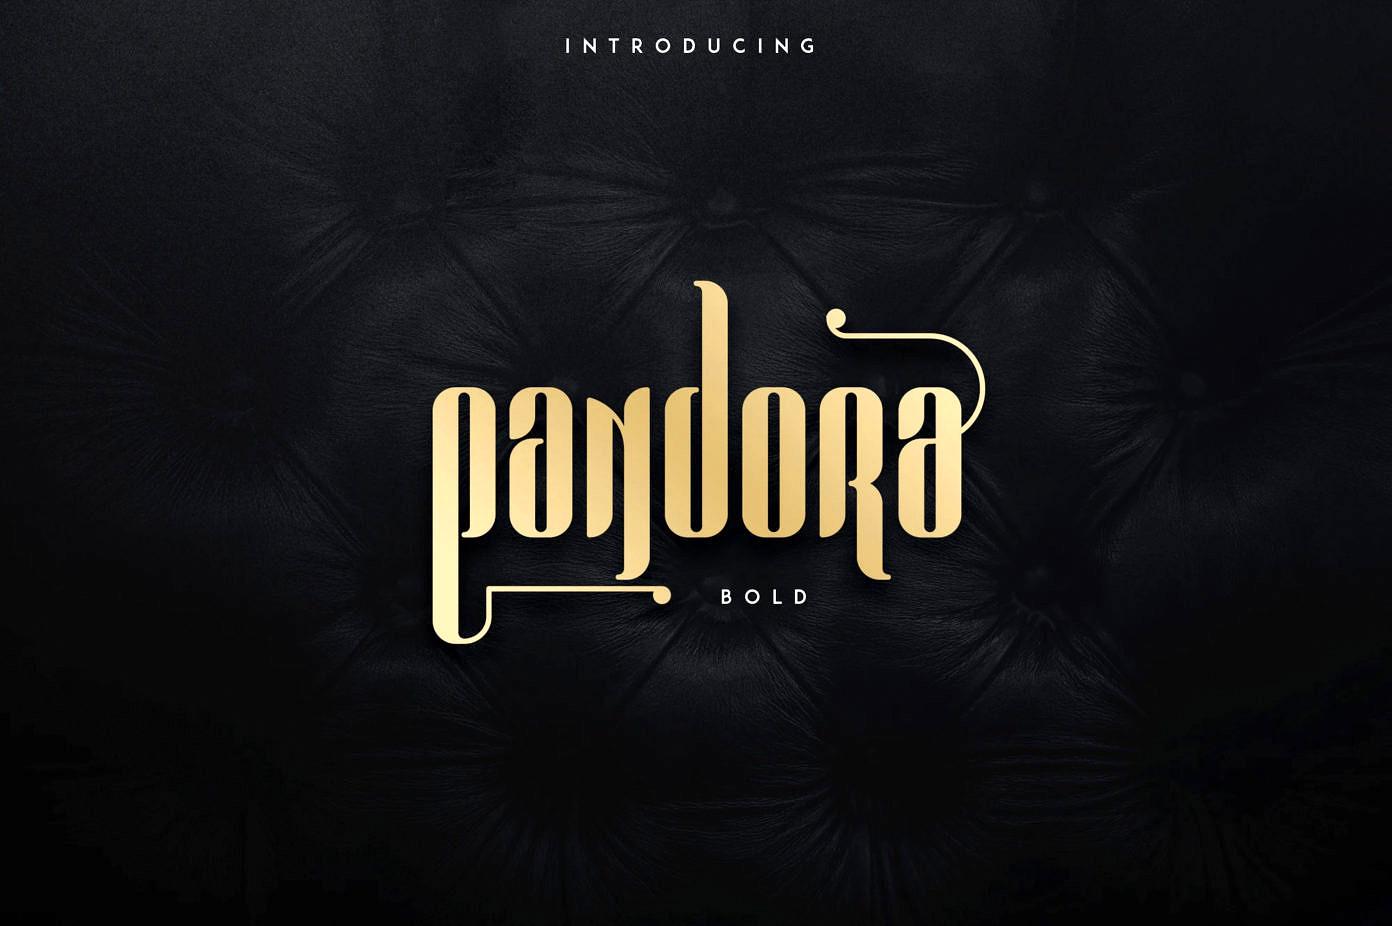 Pandora Font - Free Modern Display Font